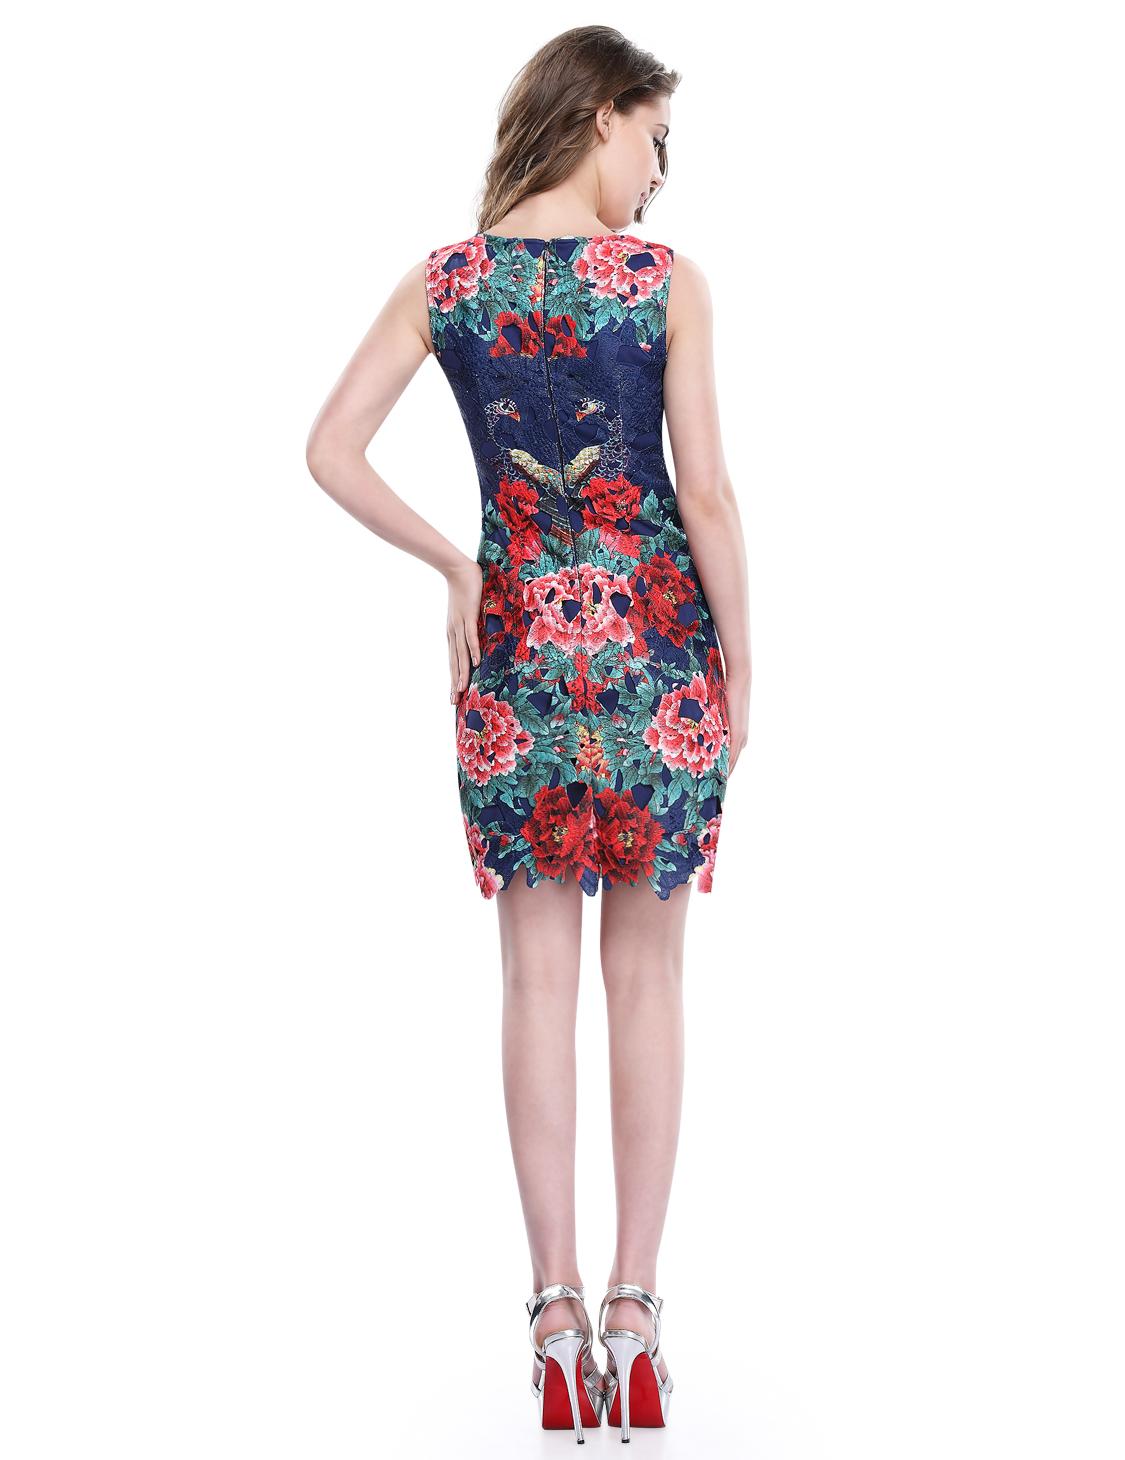 Modré krátké šaty krajkové pouzdrové se vzorem pro plnoštíhlé 34 xs ... f76da8a386